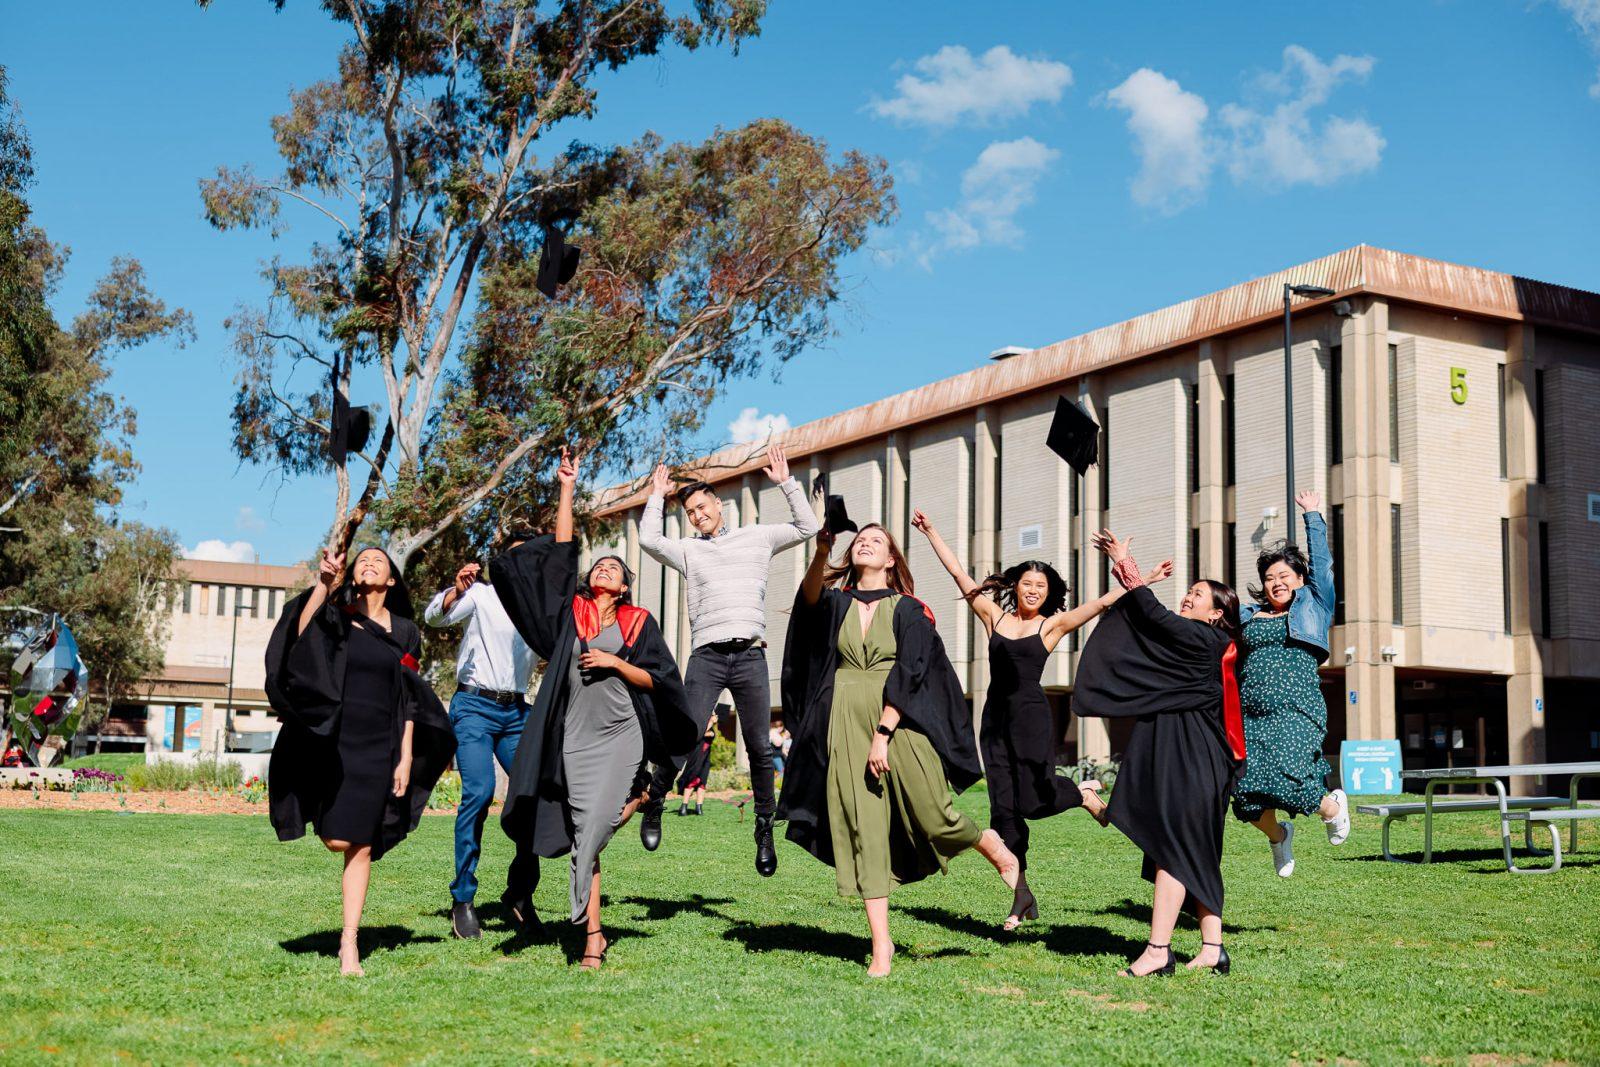 Photo: Courtesy of University of Canberra